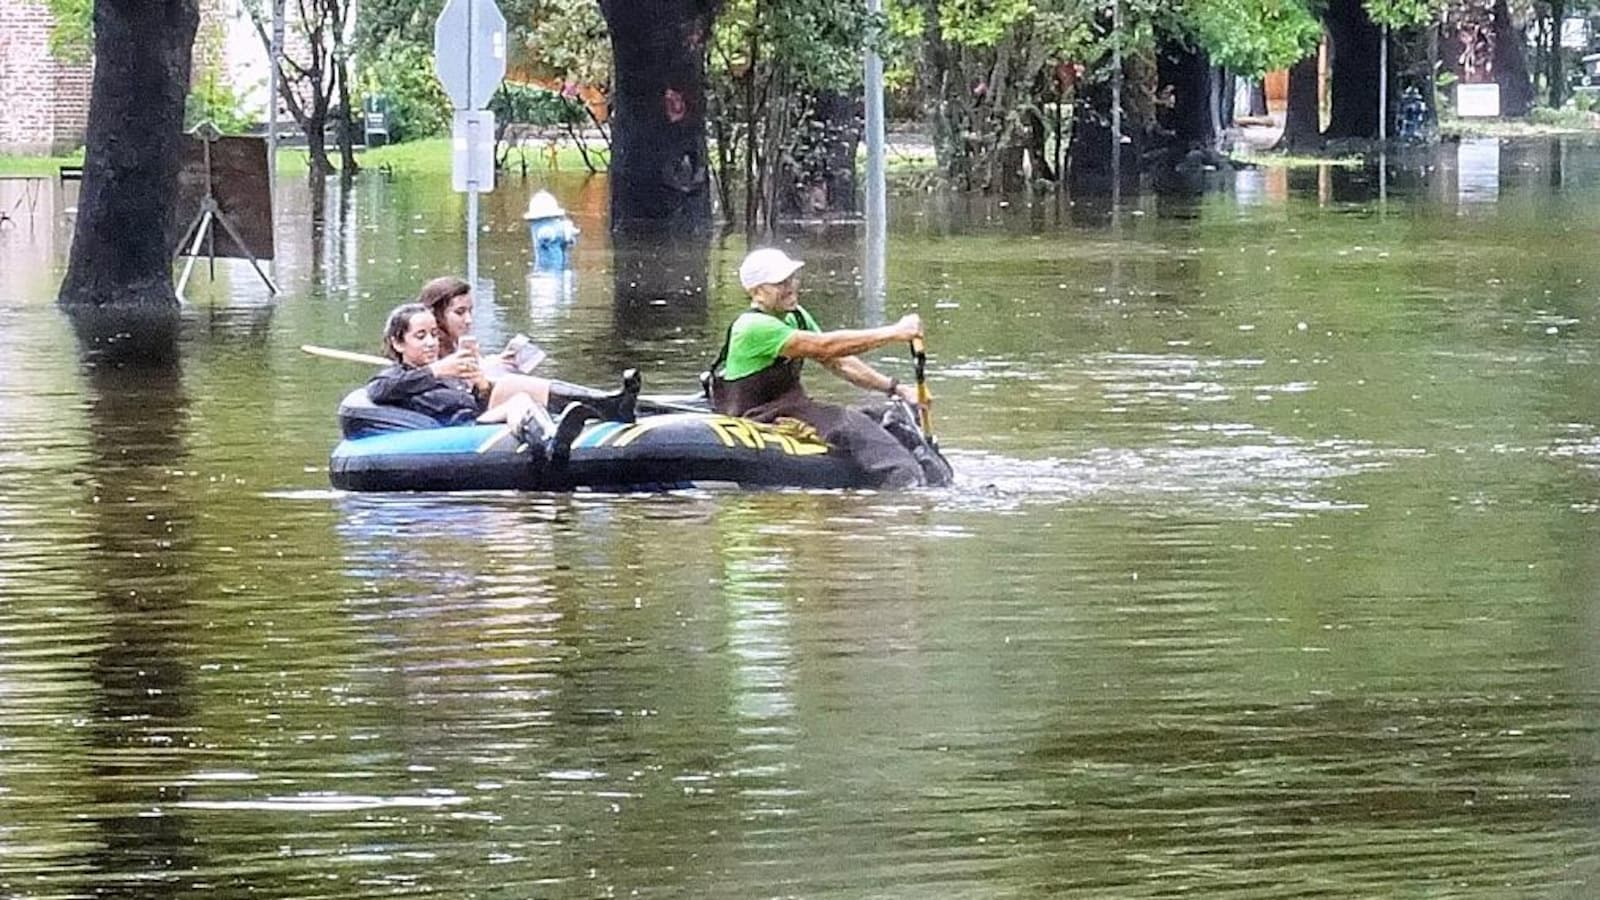 Des sinistrés naviguent dans les rues de Houston à bord d'une petite embarcation gonflable.